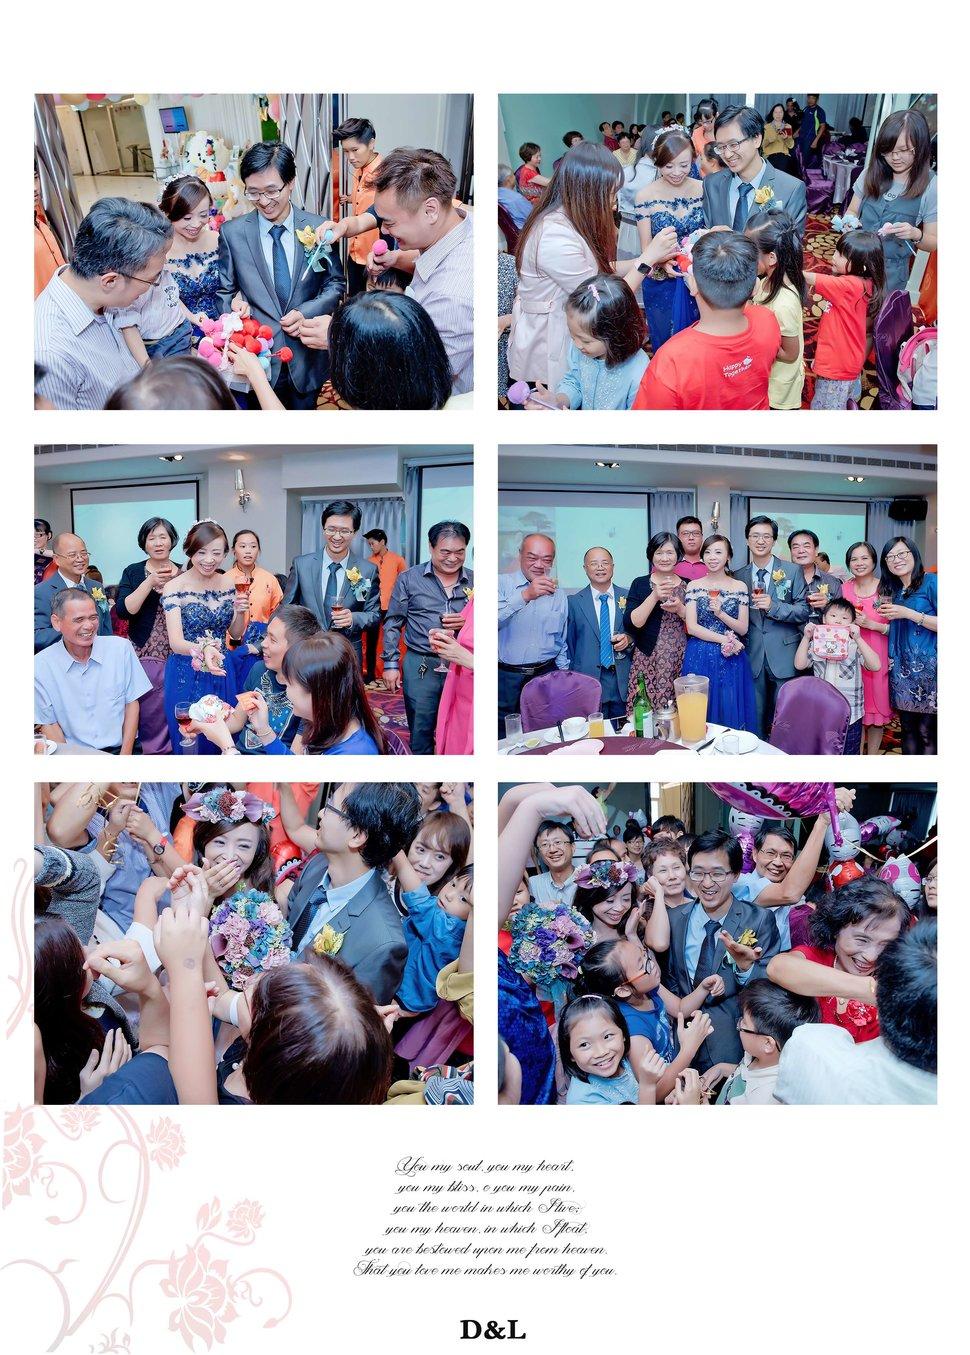 台中婚攝 婚禮記錄 維信&佩君-球愛物語景觀婚禮會館(編號:374412) - D&L 婚禮事務-婚紗攝影/婚禮記錄 - 結婚吧